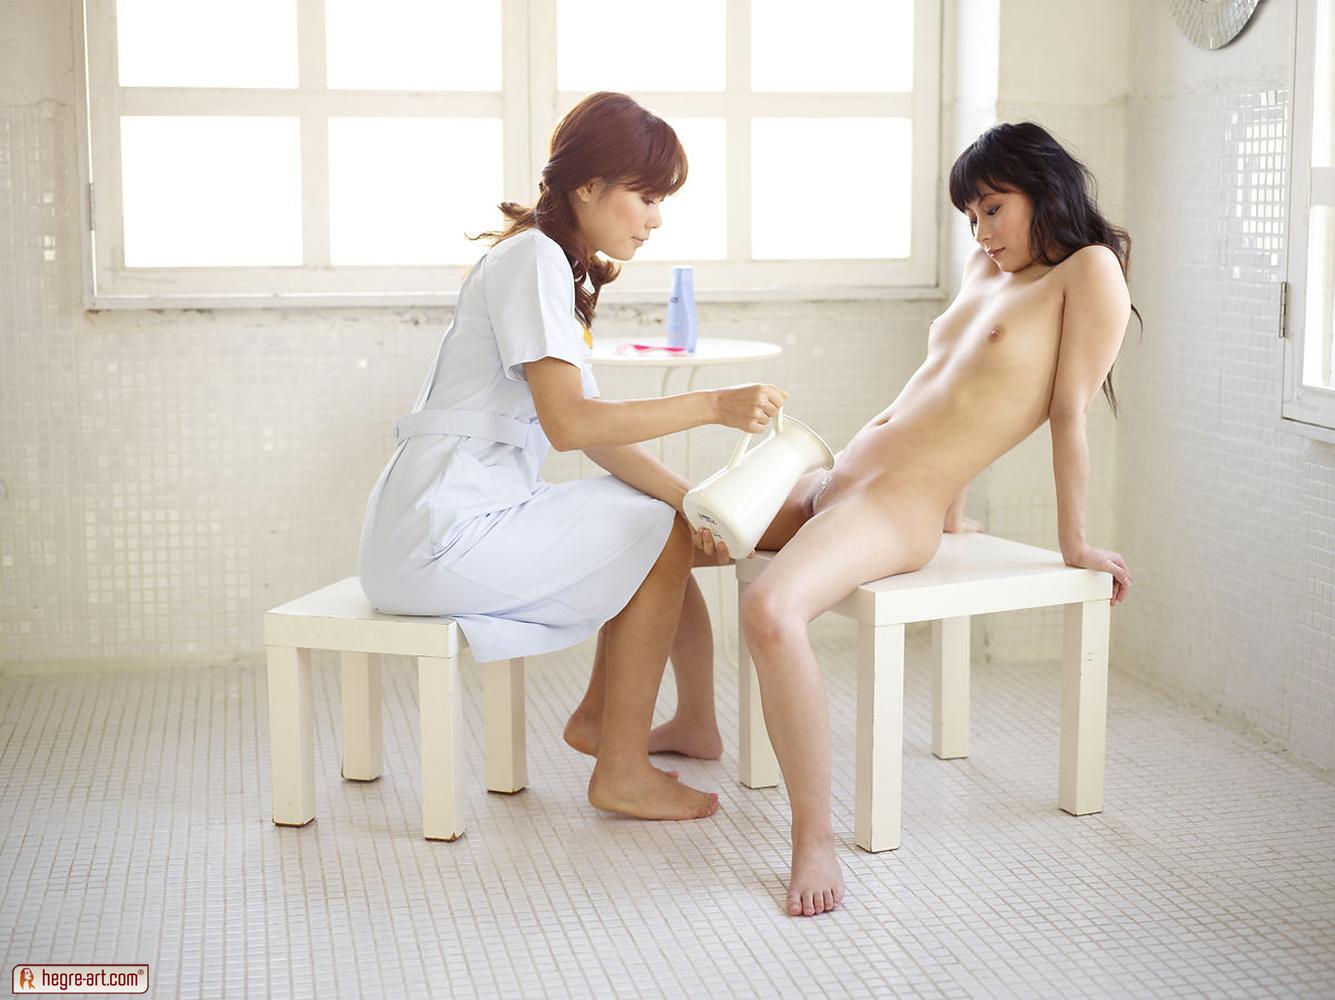 Lesbien porns porn vide